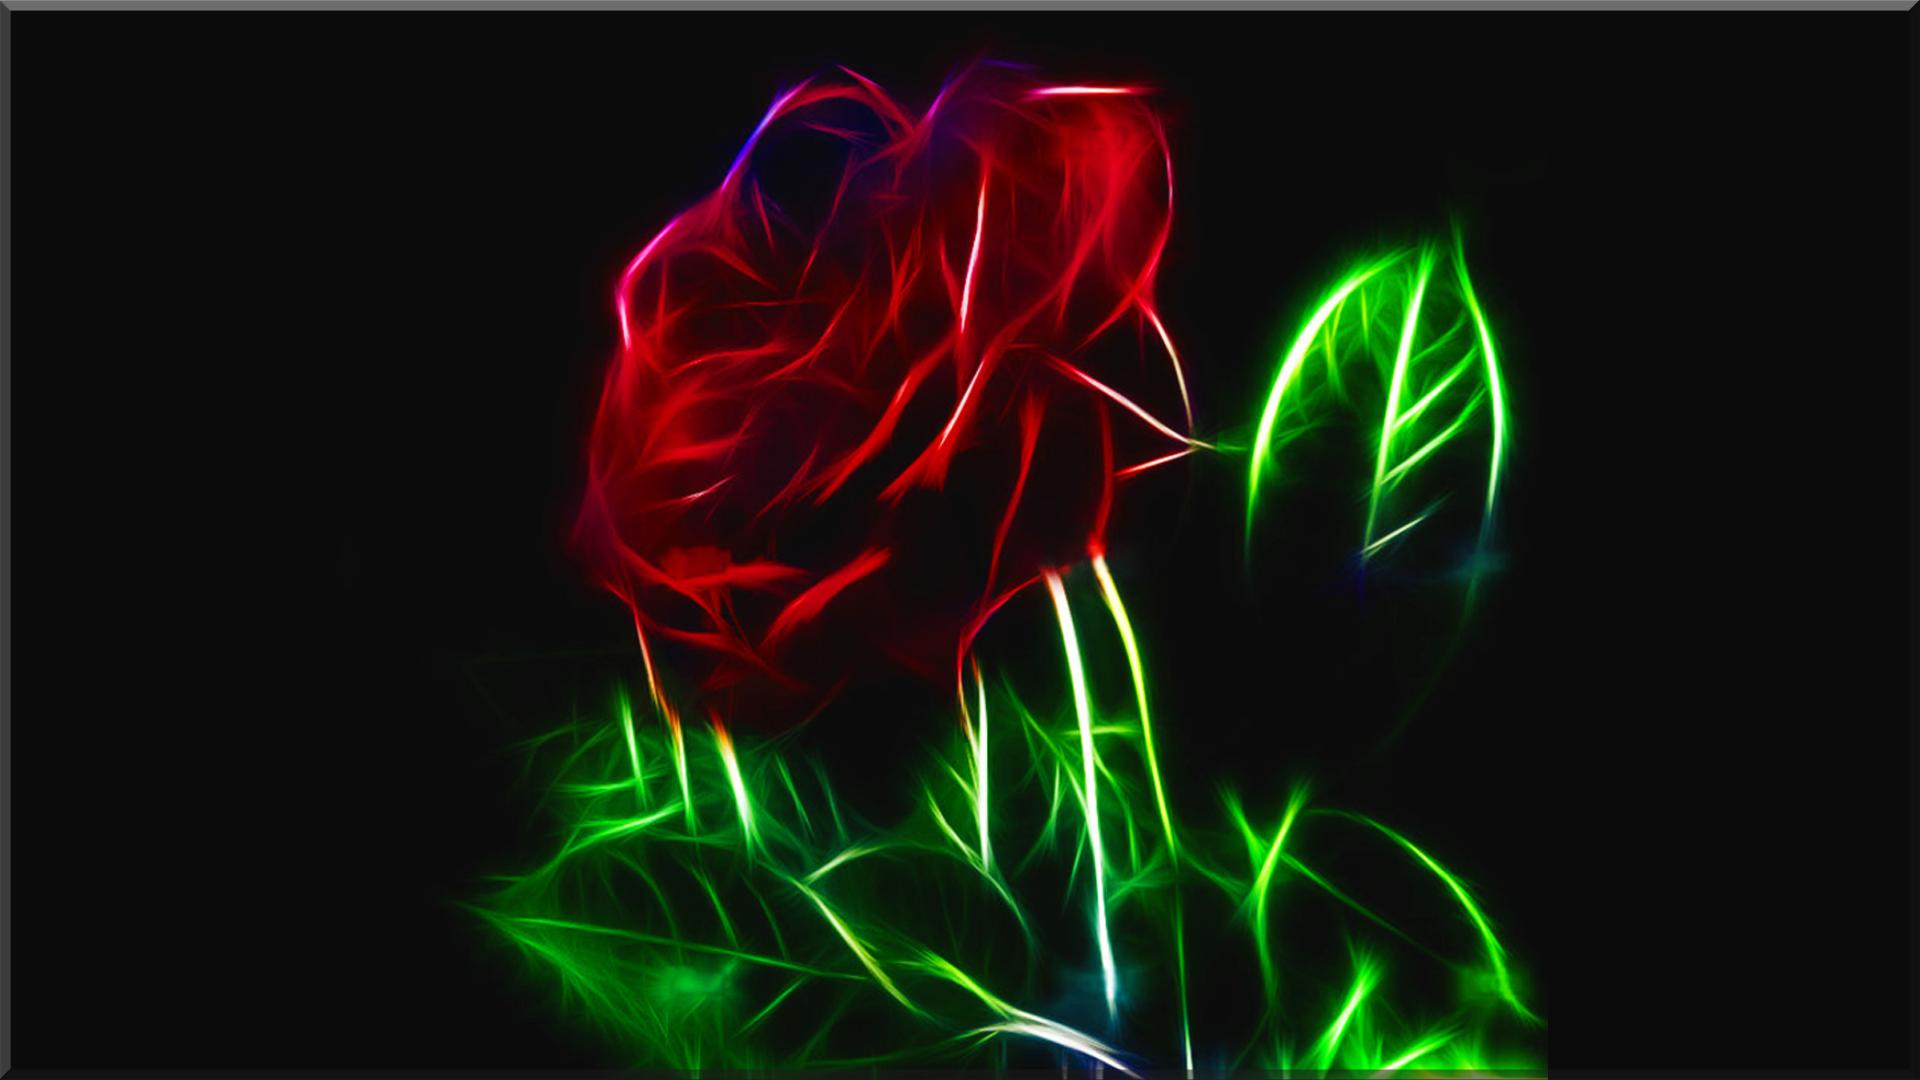 Fractal Rose Wall Alphacoders Com Fractals Fractal Art Fractal Images